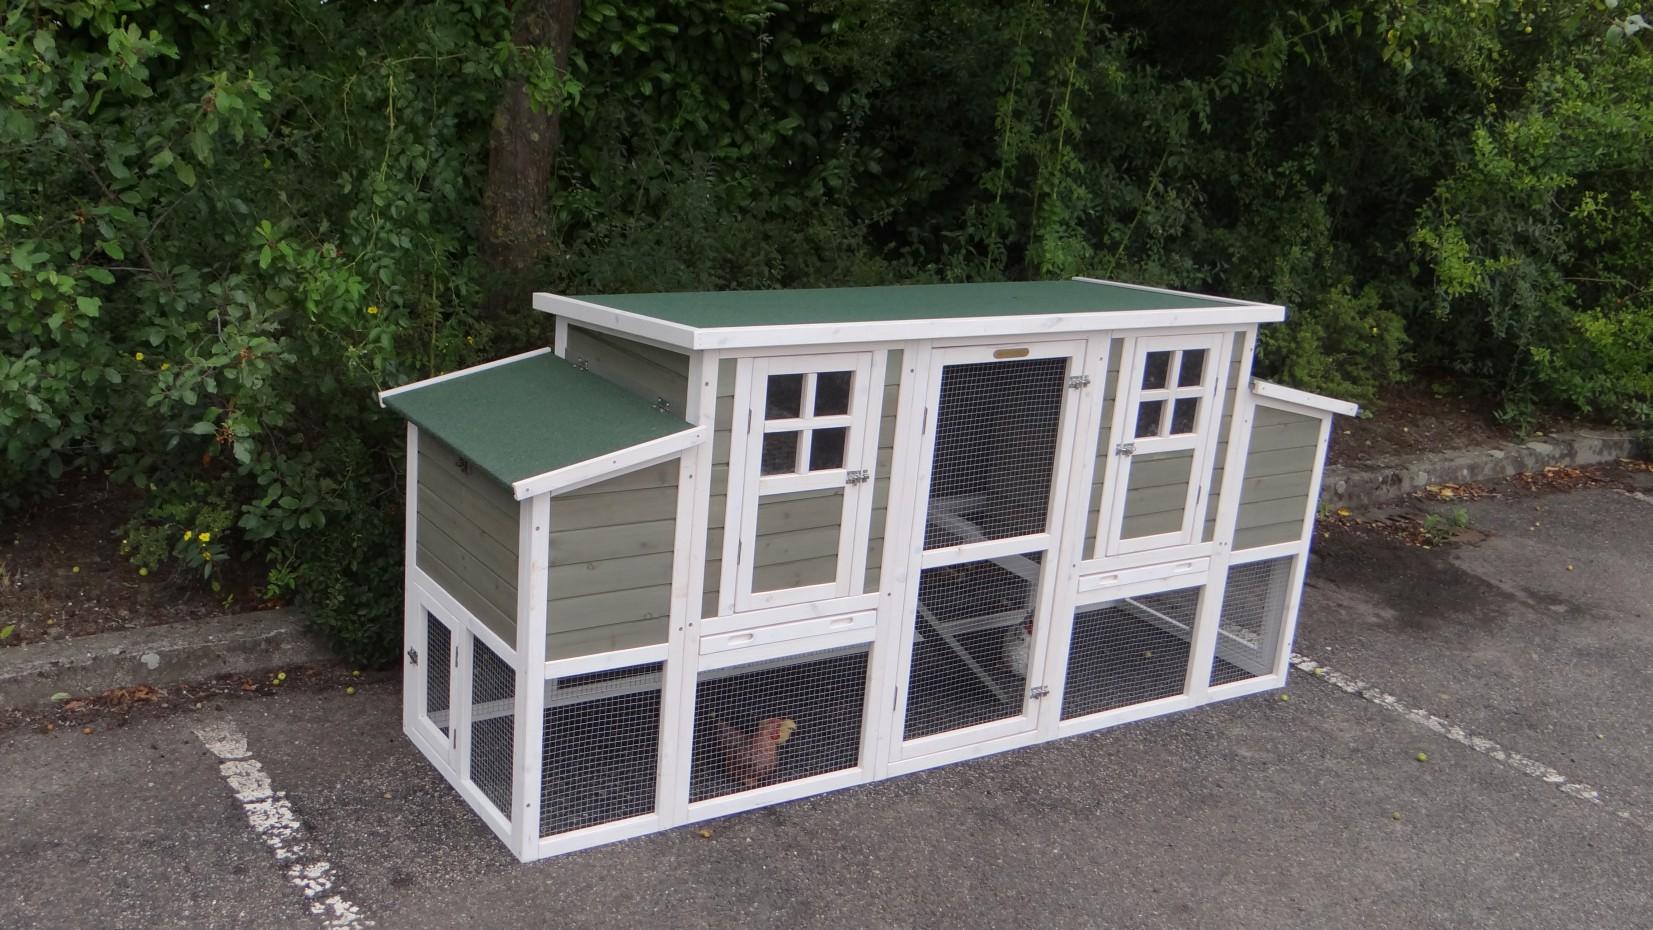 h hnerstall stijn mit 2 legenesten 226x70x103cm. Black Bedroom Furniture Sets. Home Design Ideas